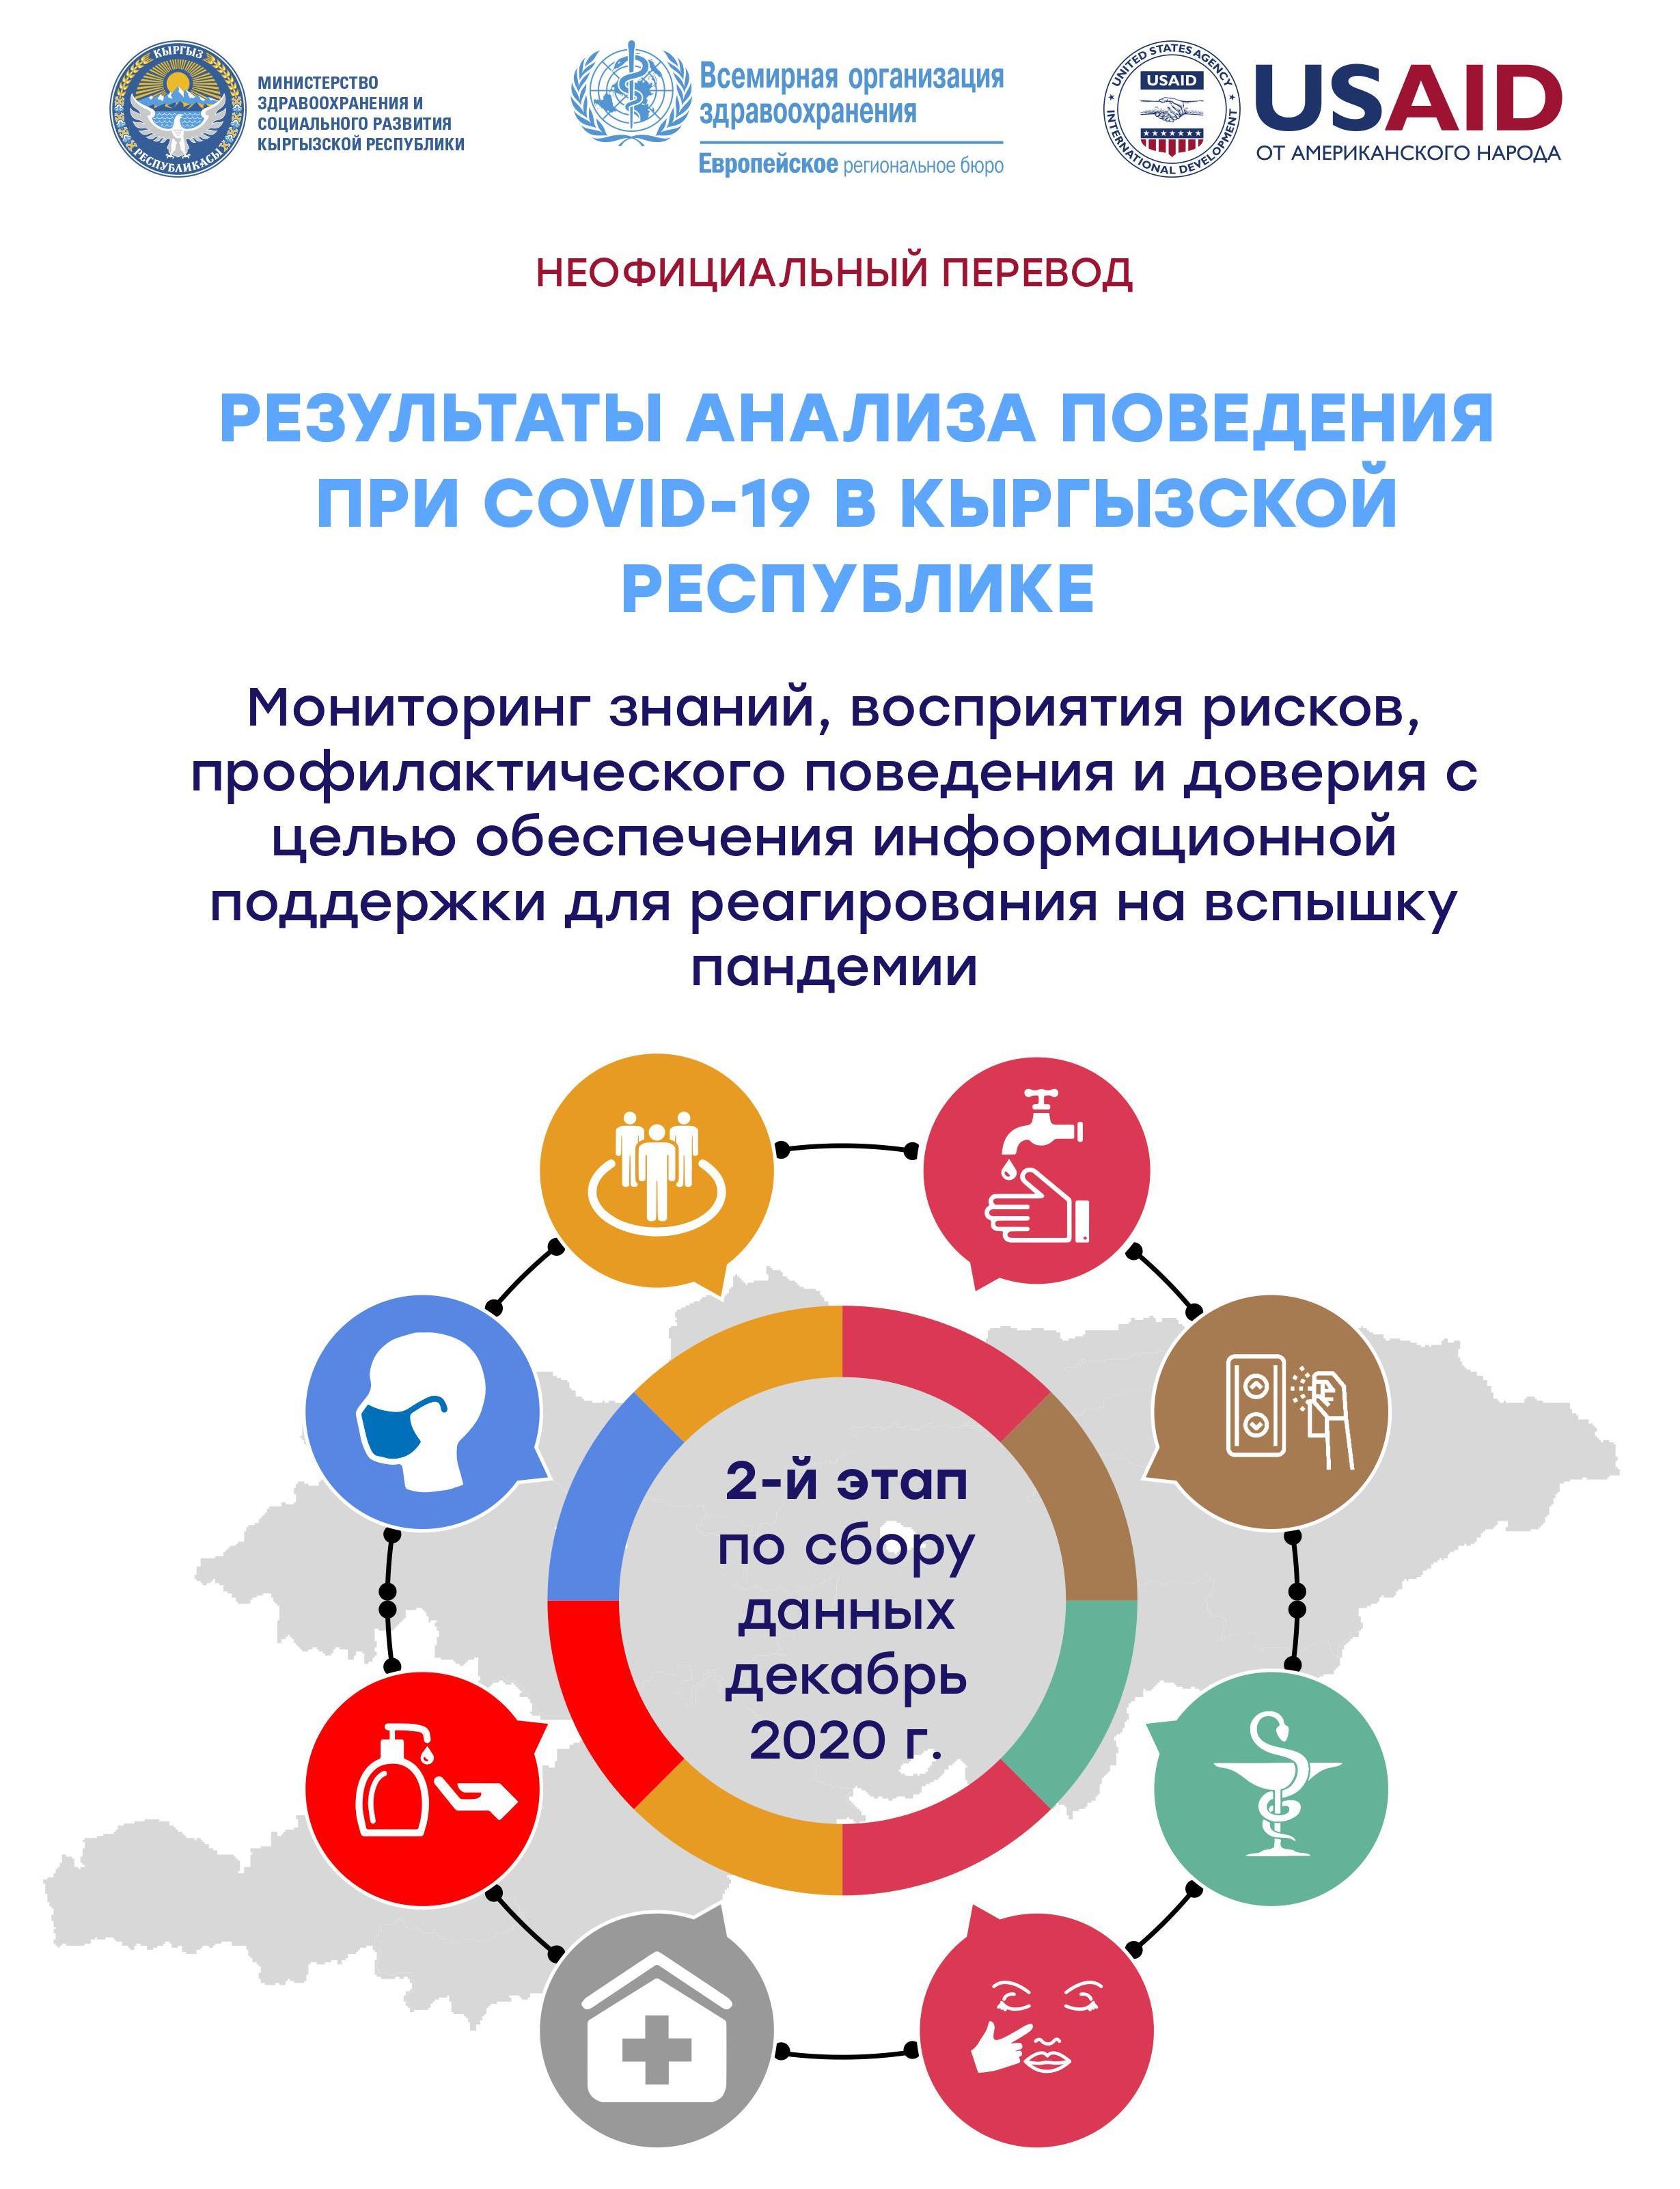 Результаты анализа поведения при COVID-19 в Кыргызской Республике | 2 этап Декабрь 2020 г.